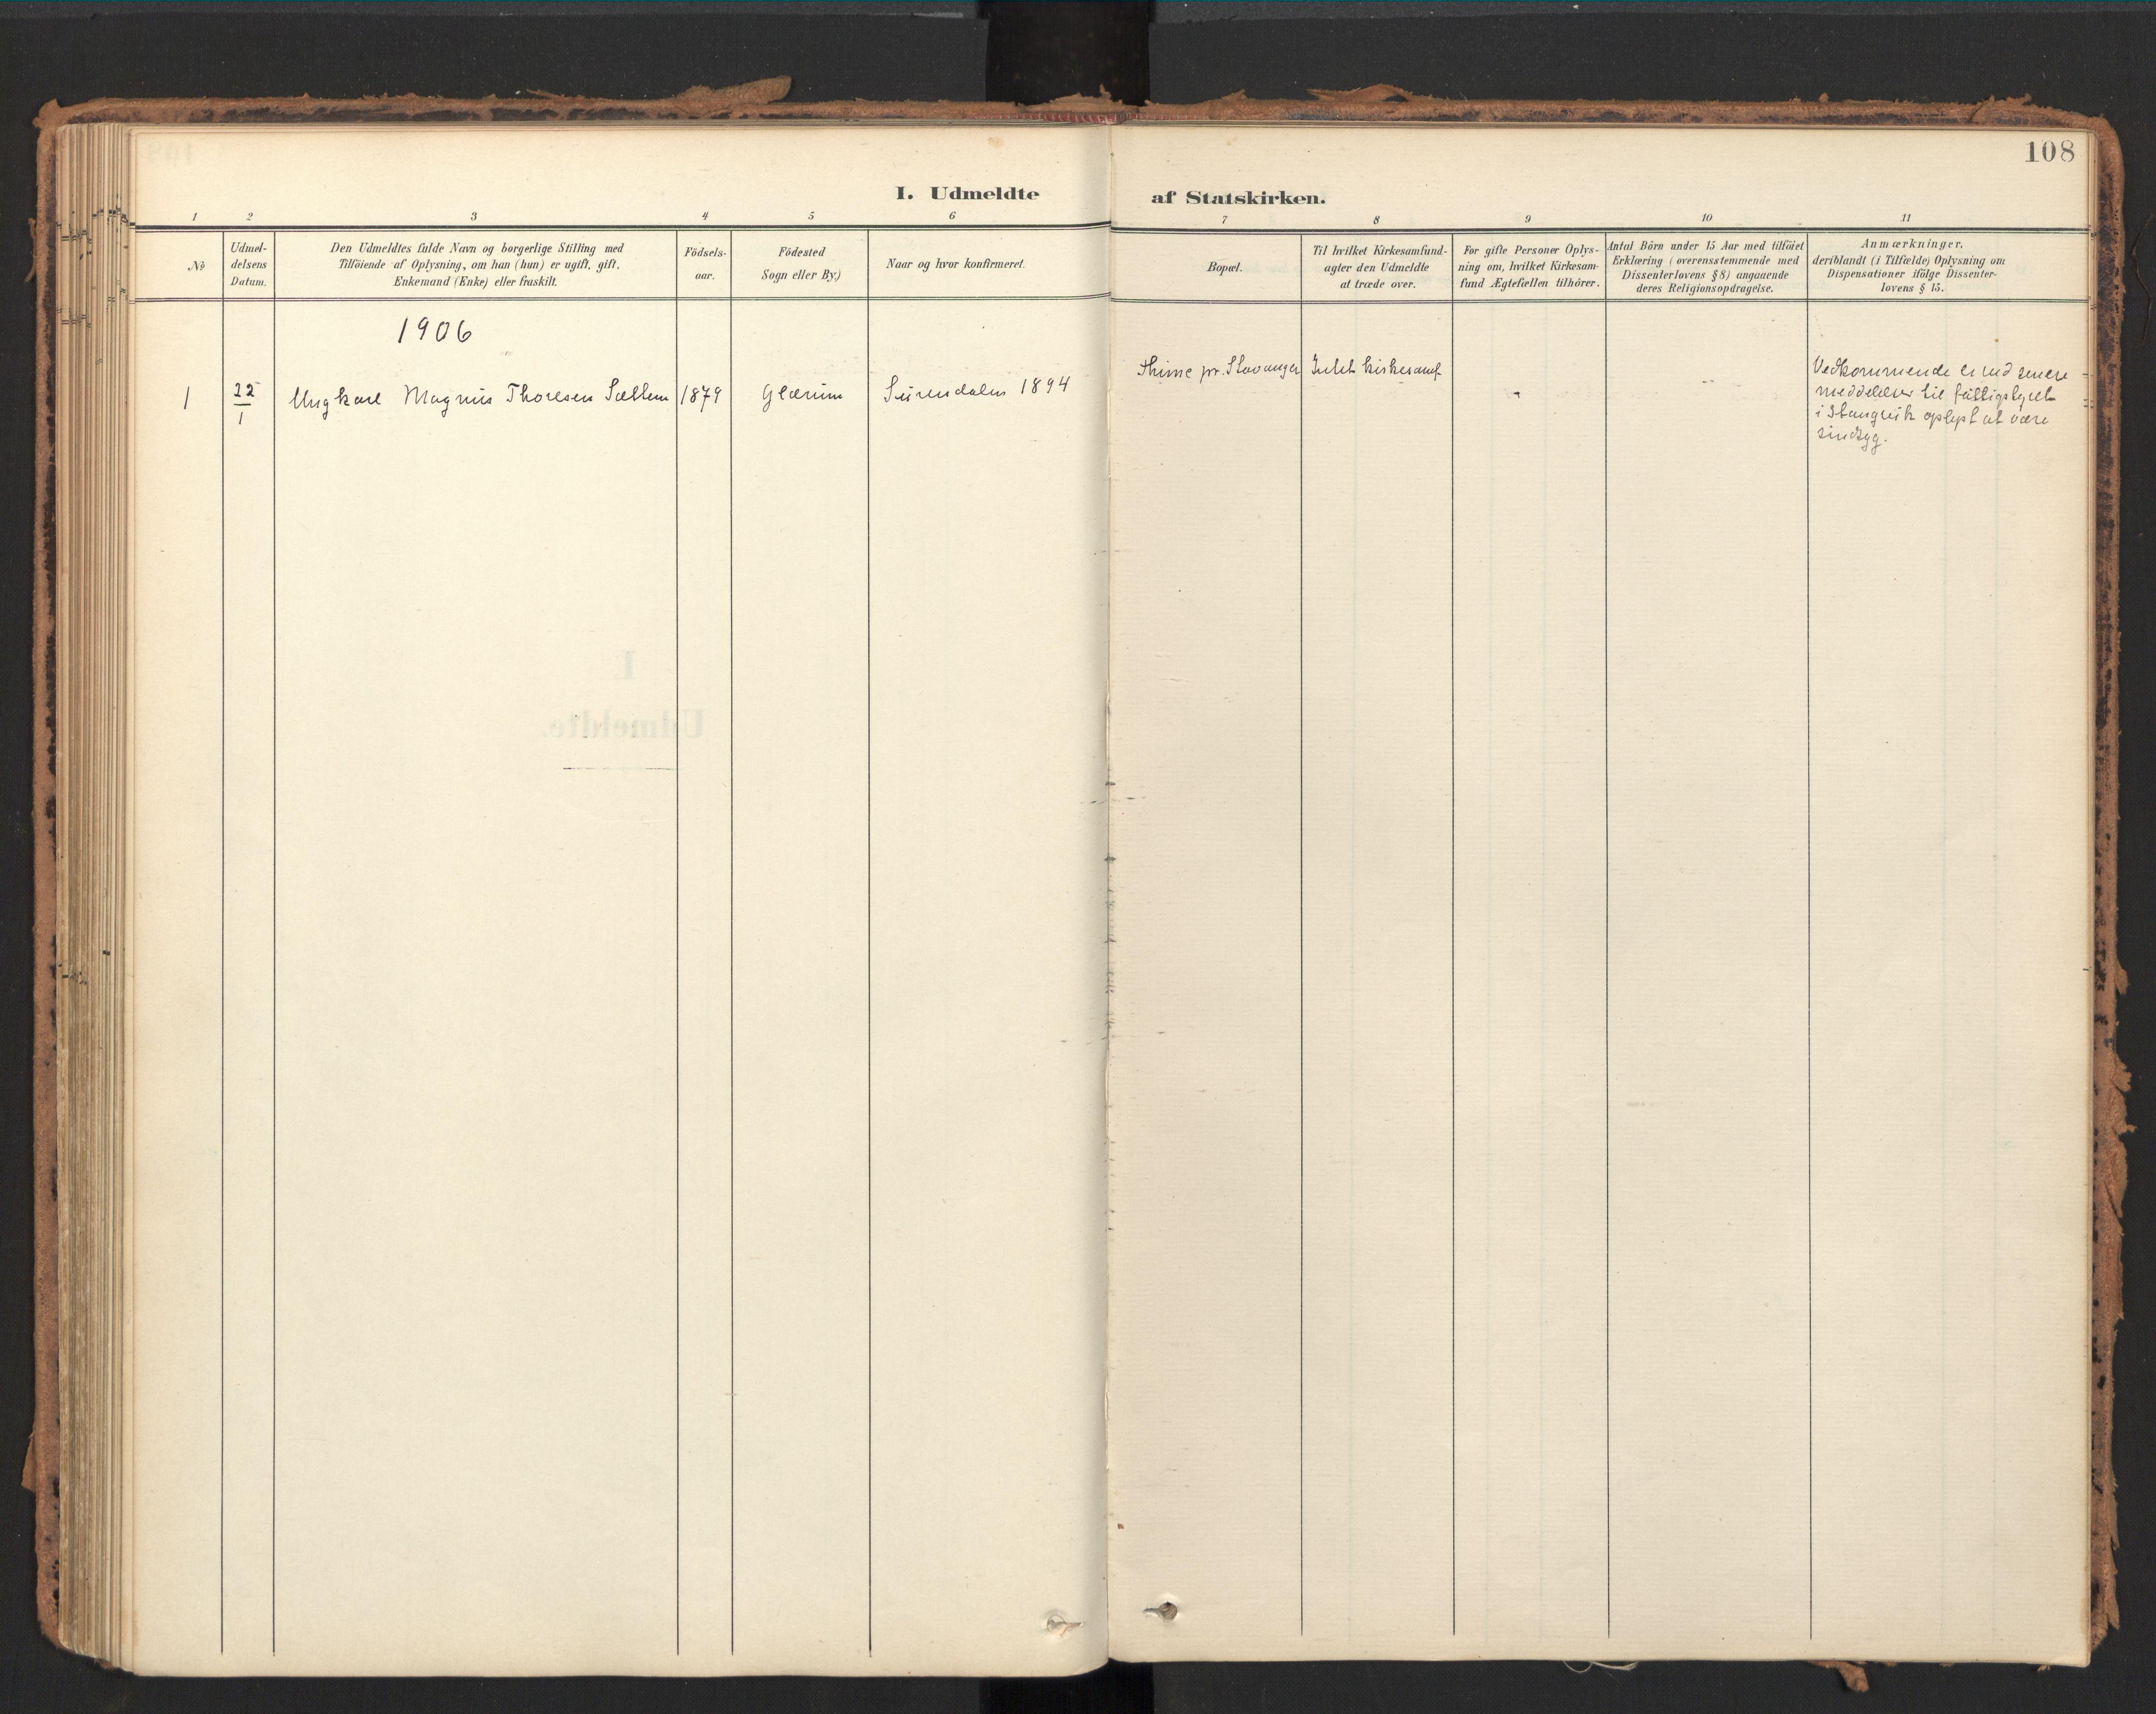 SAT, Ministerialprotokoller, klokkerbøker og fødselsregistre - Møre og Romsdal, 595/L1048: Ministerialbok nr. 595A10, 1900-1917, s. 108